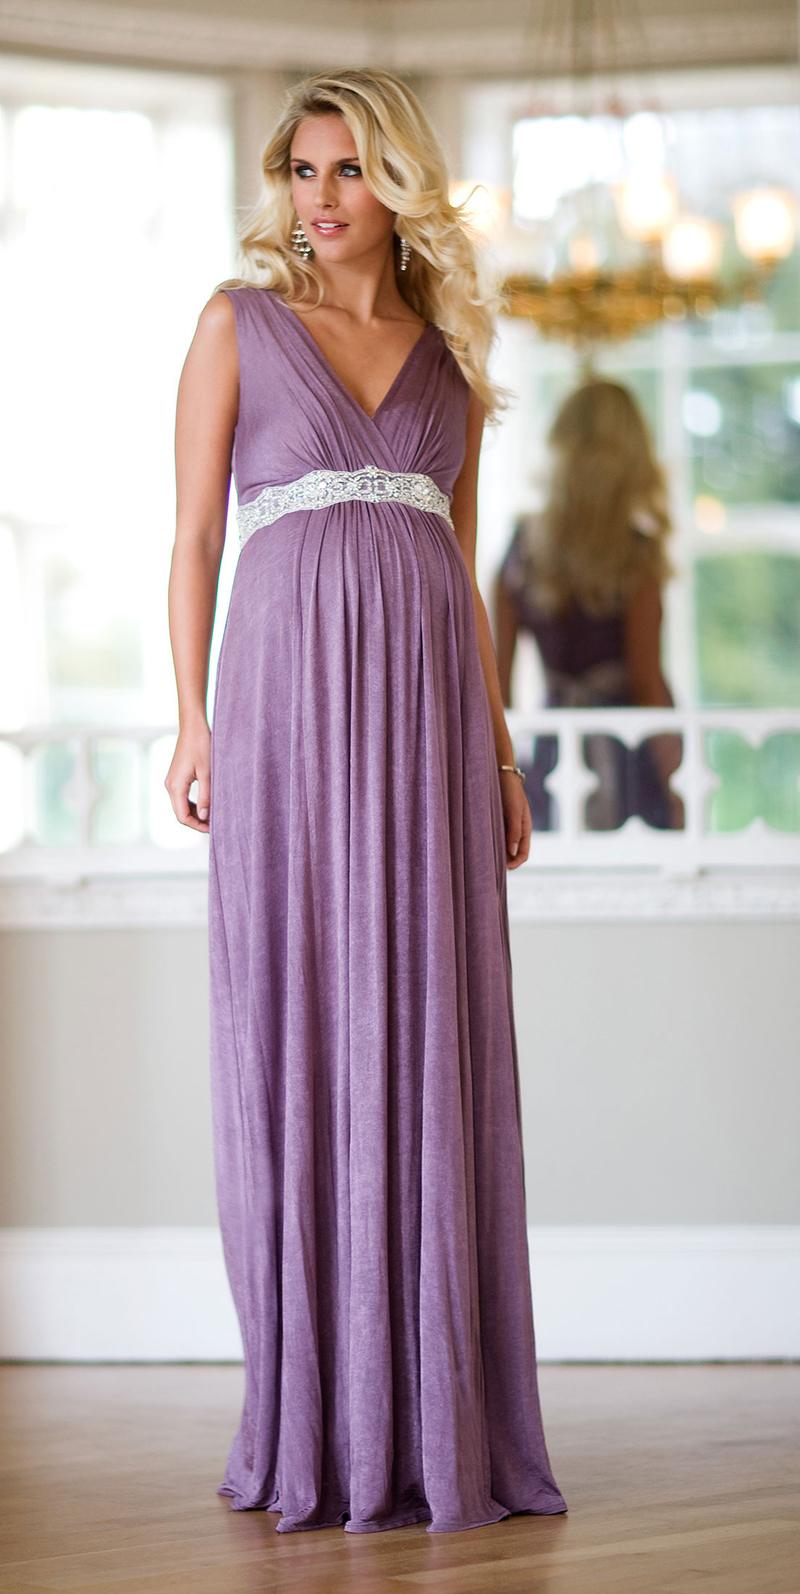 Вечернее платье для беременных женщин – фото новинки и тренды сезона